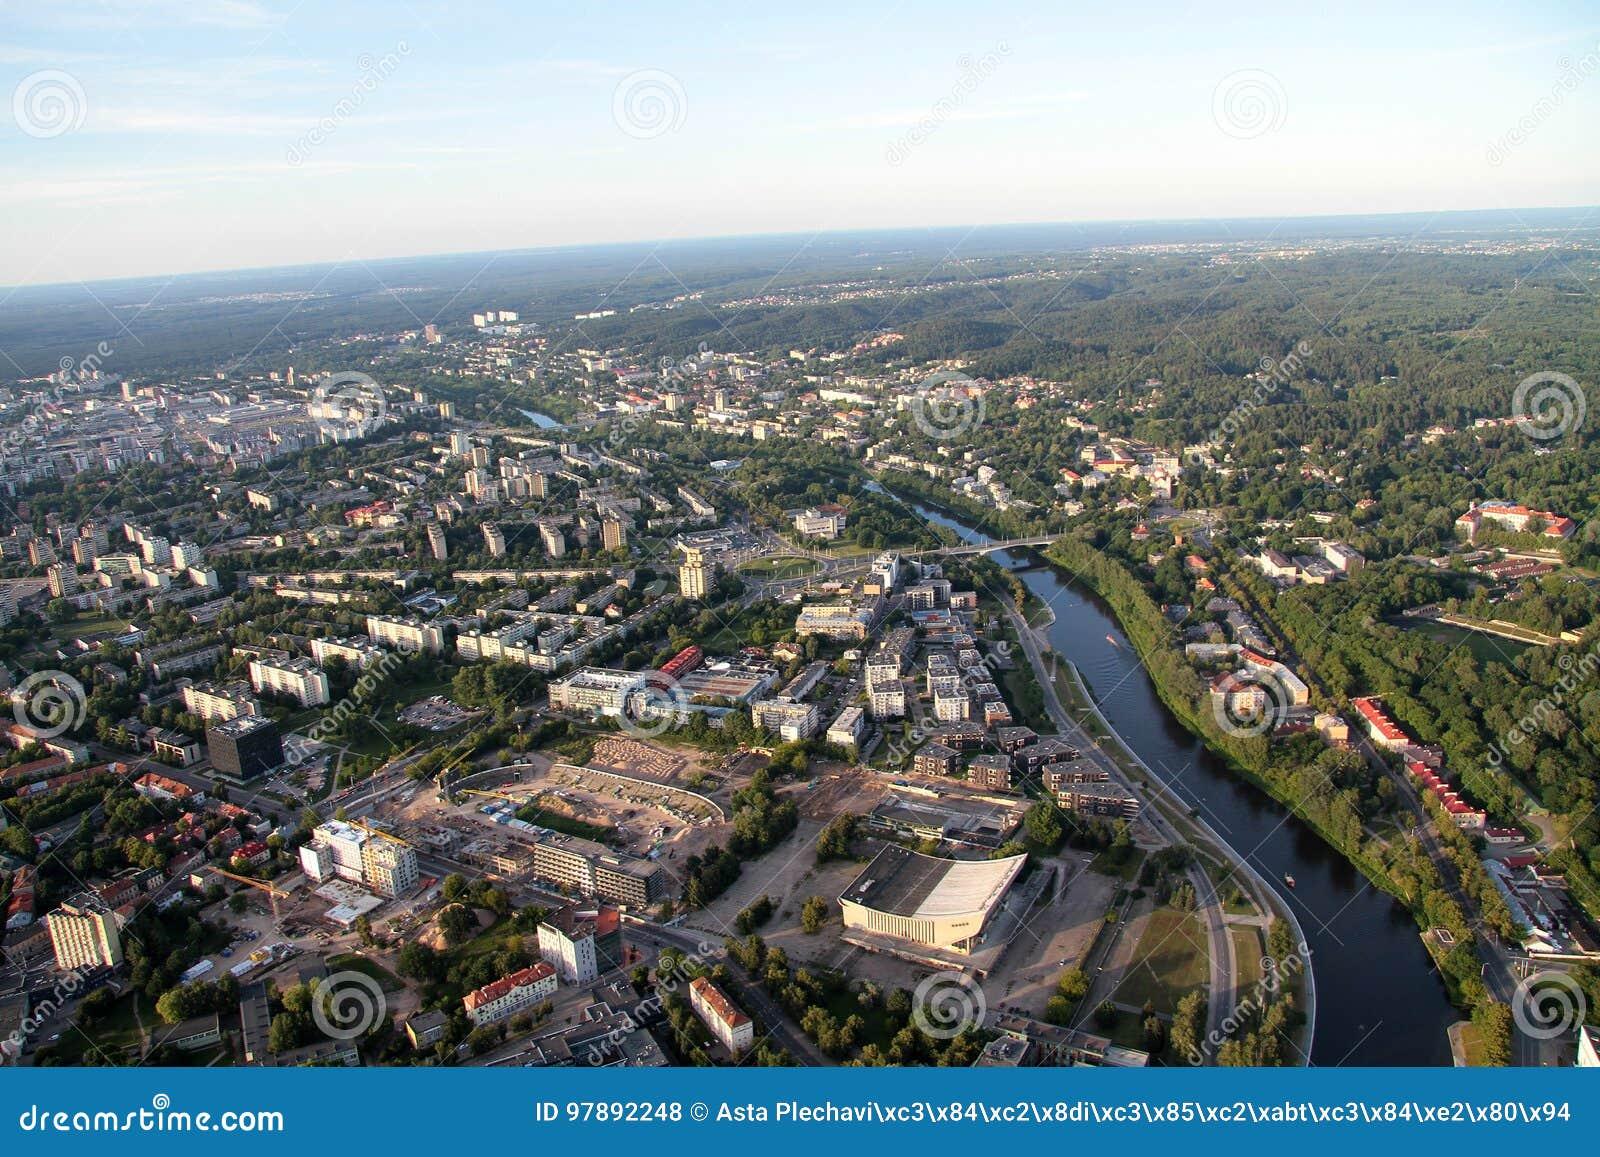 Miasto Vilnius Lithuania, widok z lotu ptaka